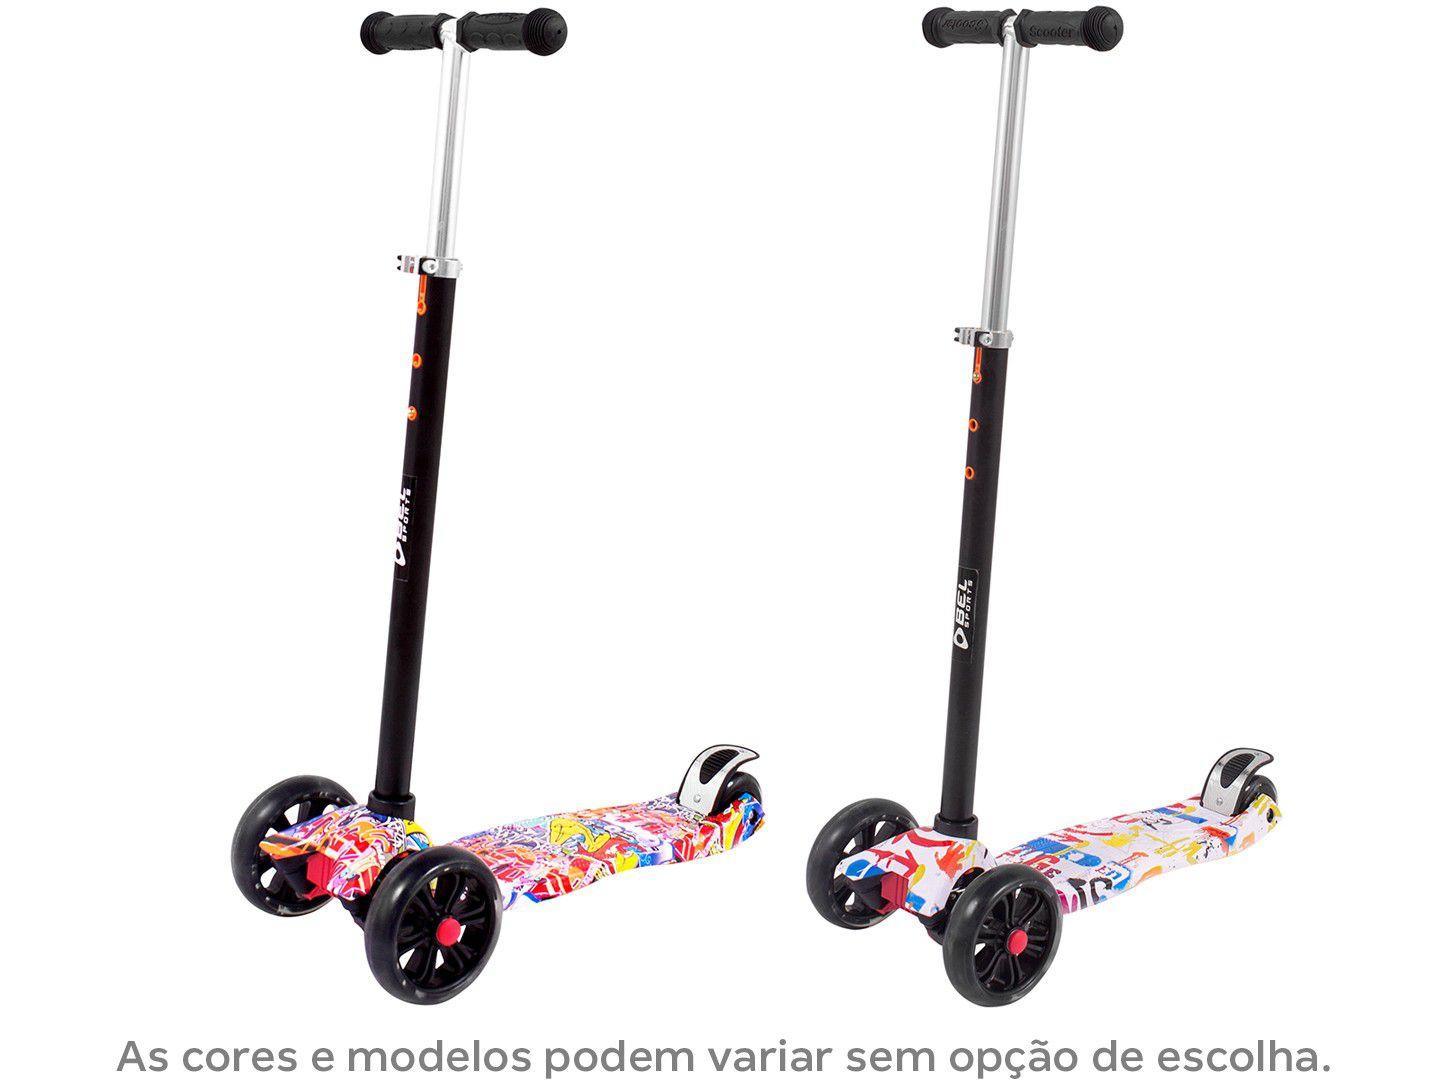 patinete 3 rodas led grafitado unitoys